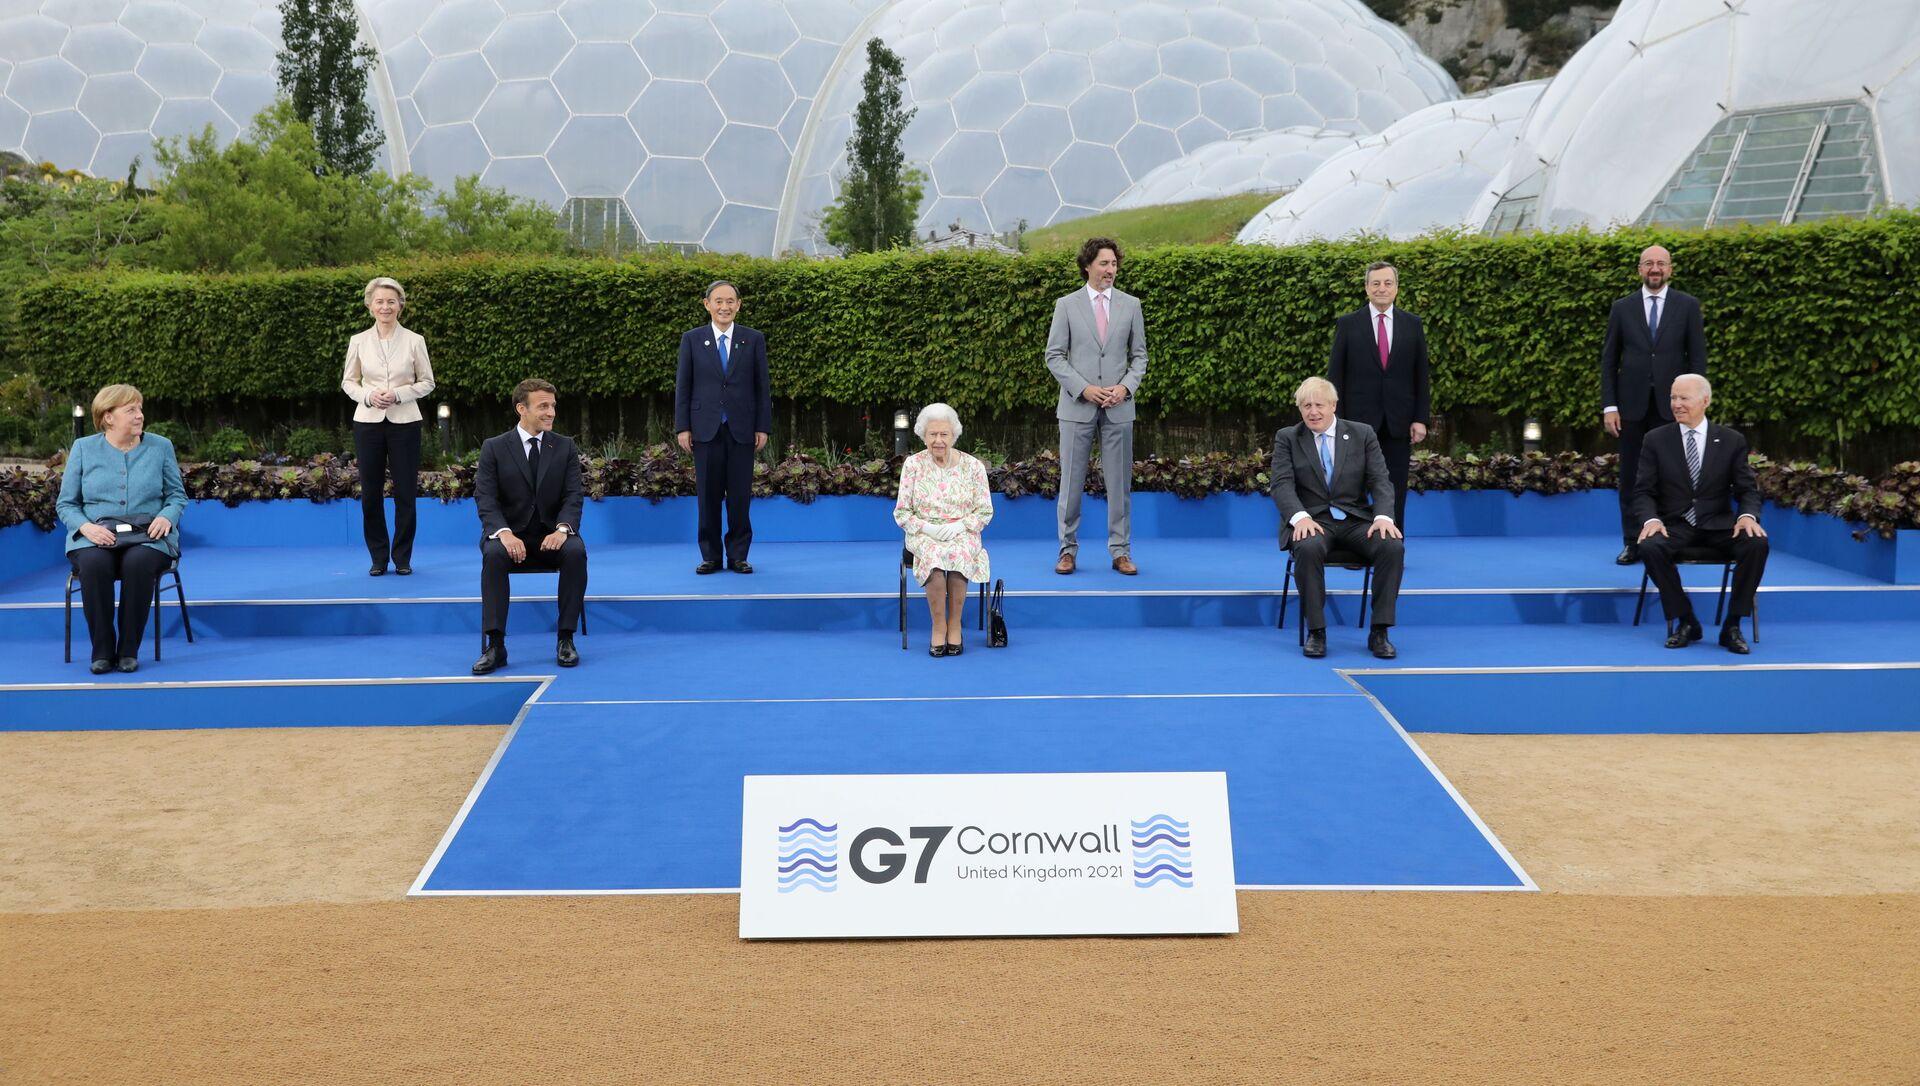 Przywódcy krajów uczestniczących w szczycie G7 podczas zdjęć grupowych w Kornwalii - Sputnik Polska, 1920, 13.06.2021